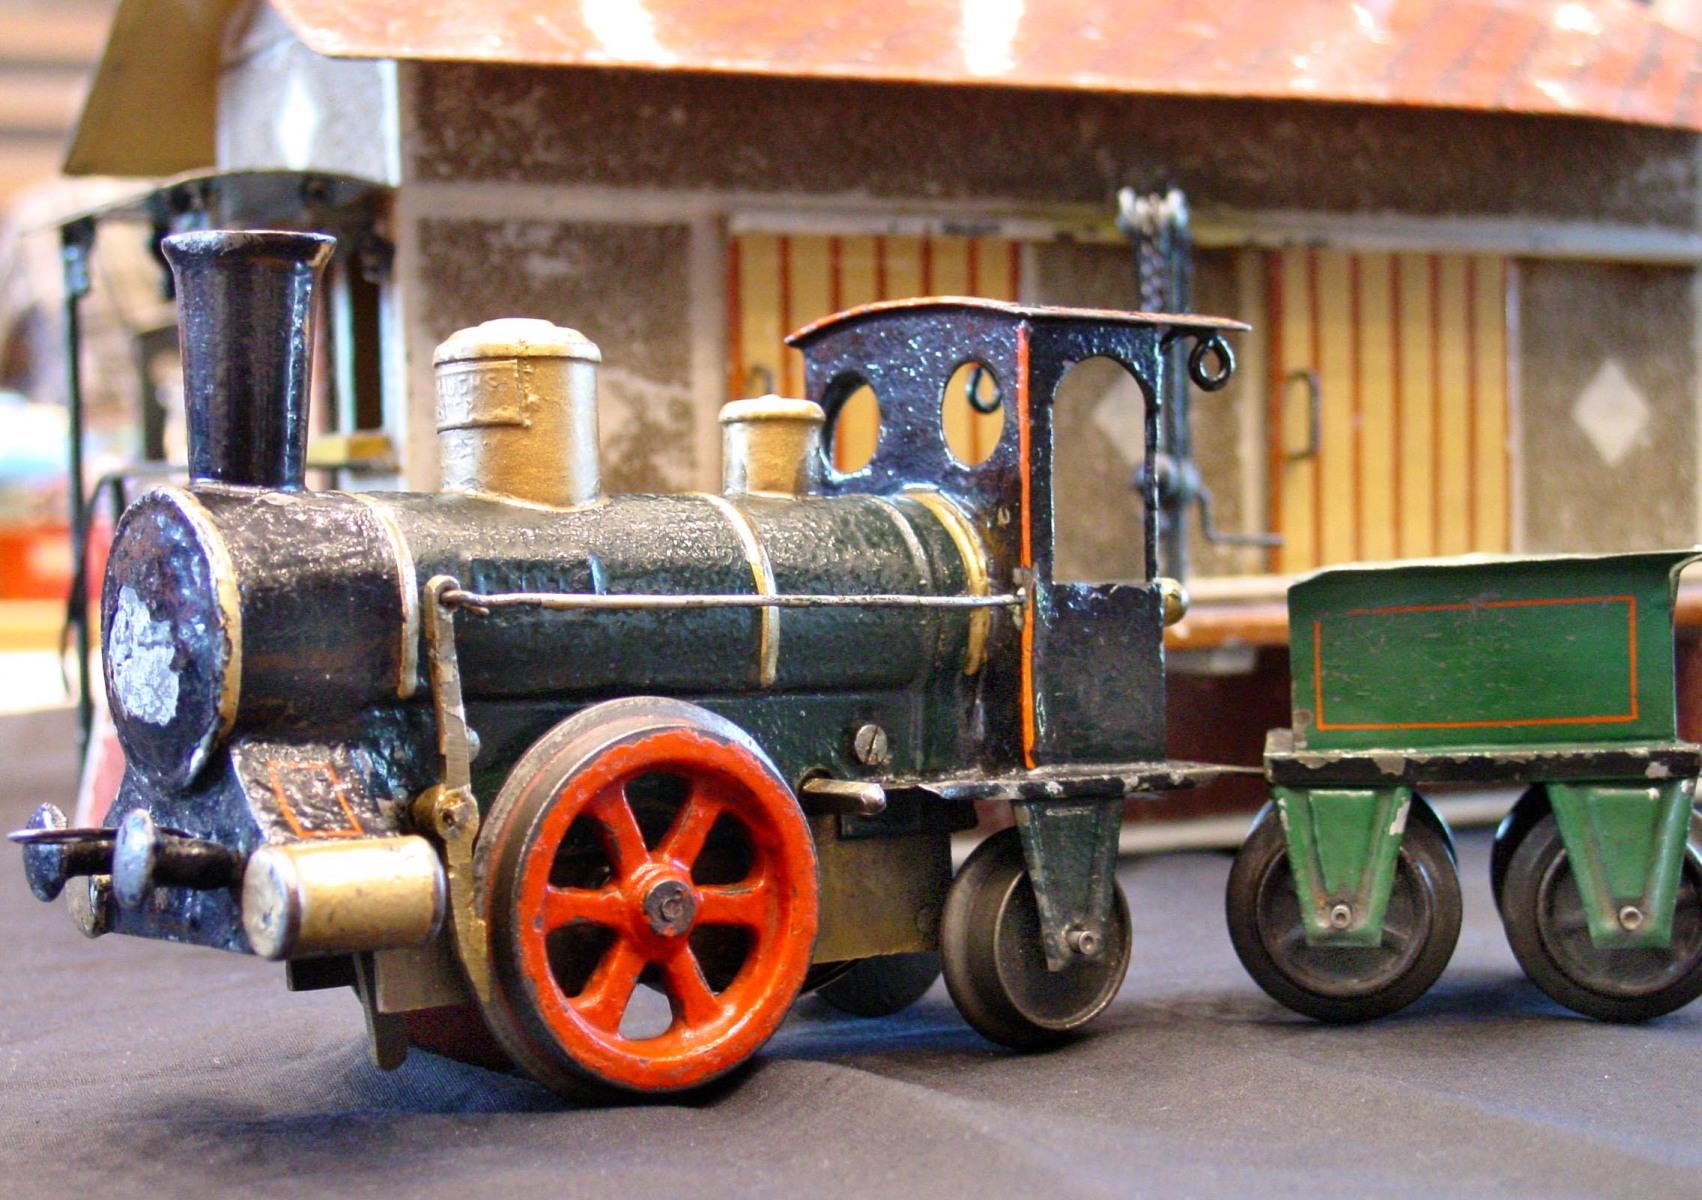 Pressebild_Theurer_-_Eisenbahn_farbig